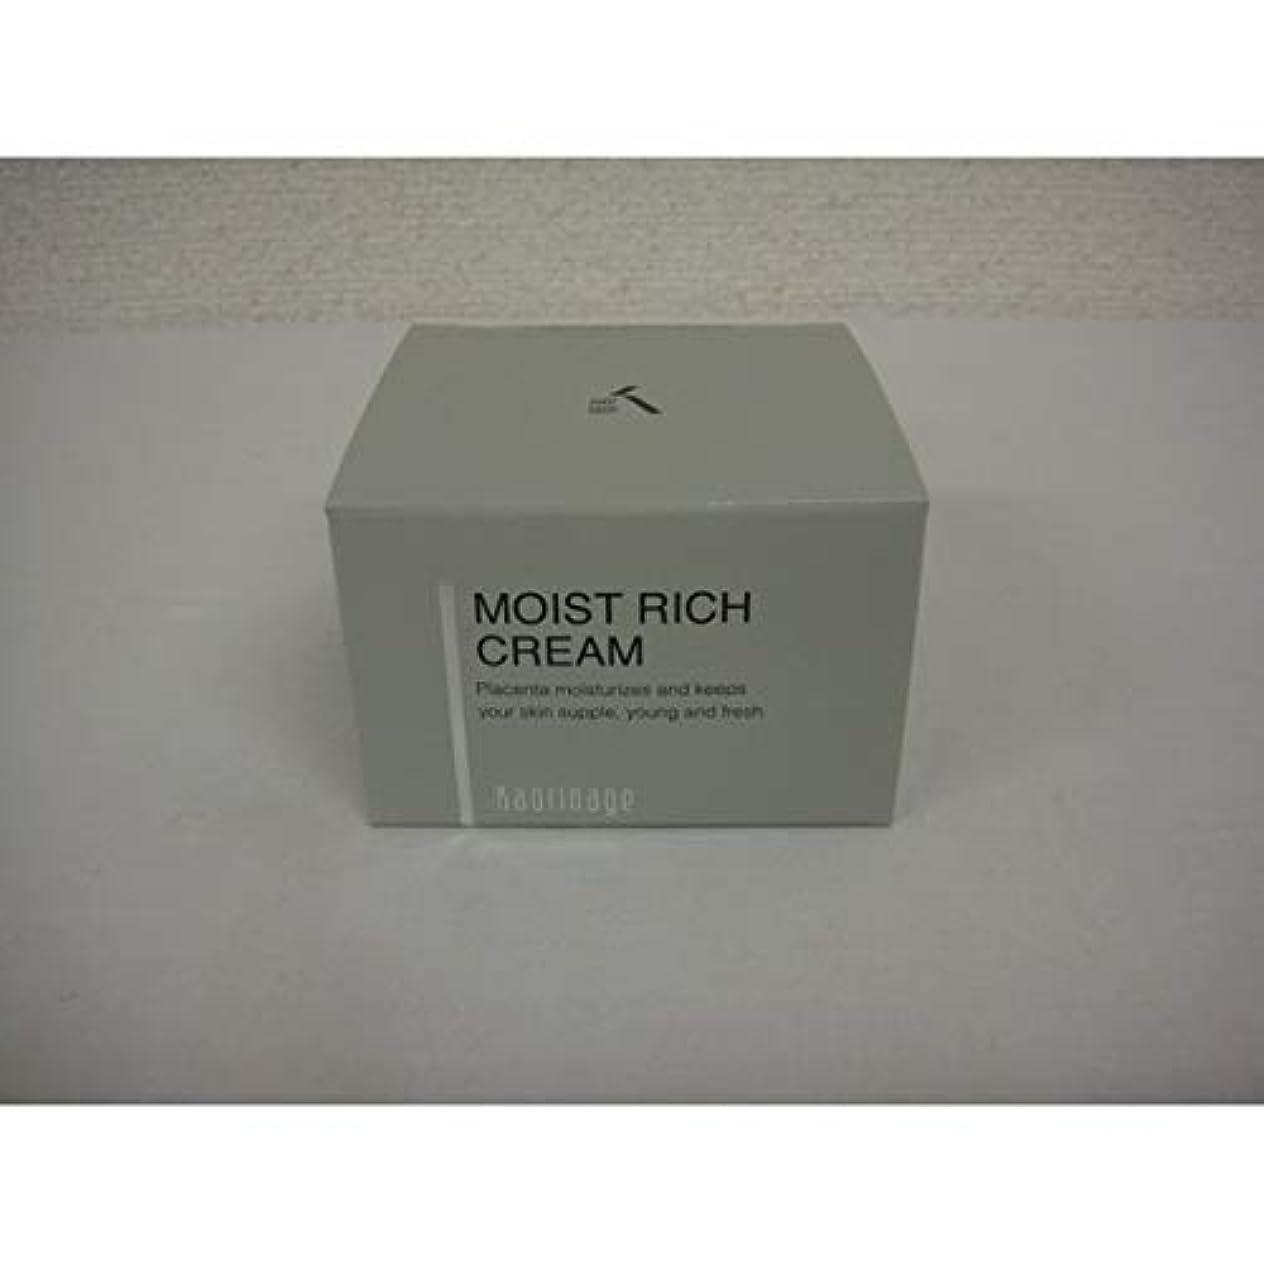 同封するダッシュサンプル【X2個セット】カオリナージュ モイストリッチクリーム 100g